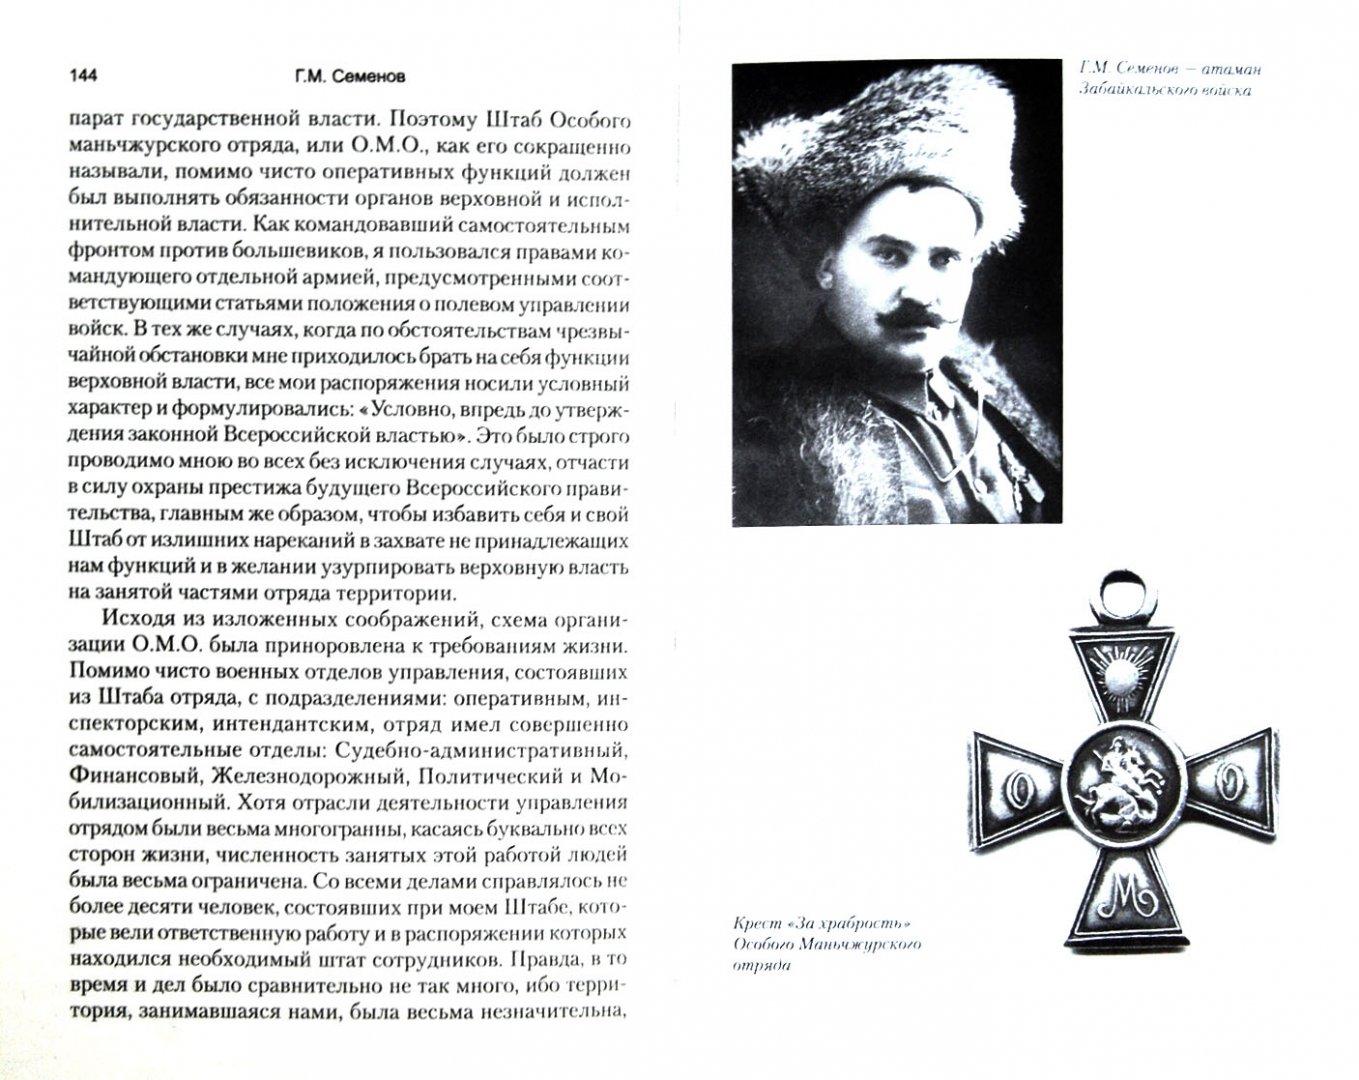 Иллюстрация 1 из 7 для О себе - Григорий Семенов   Лабиринт - книги. Источник: Лабиринт